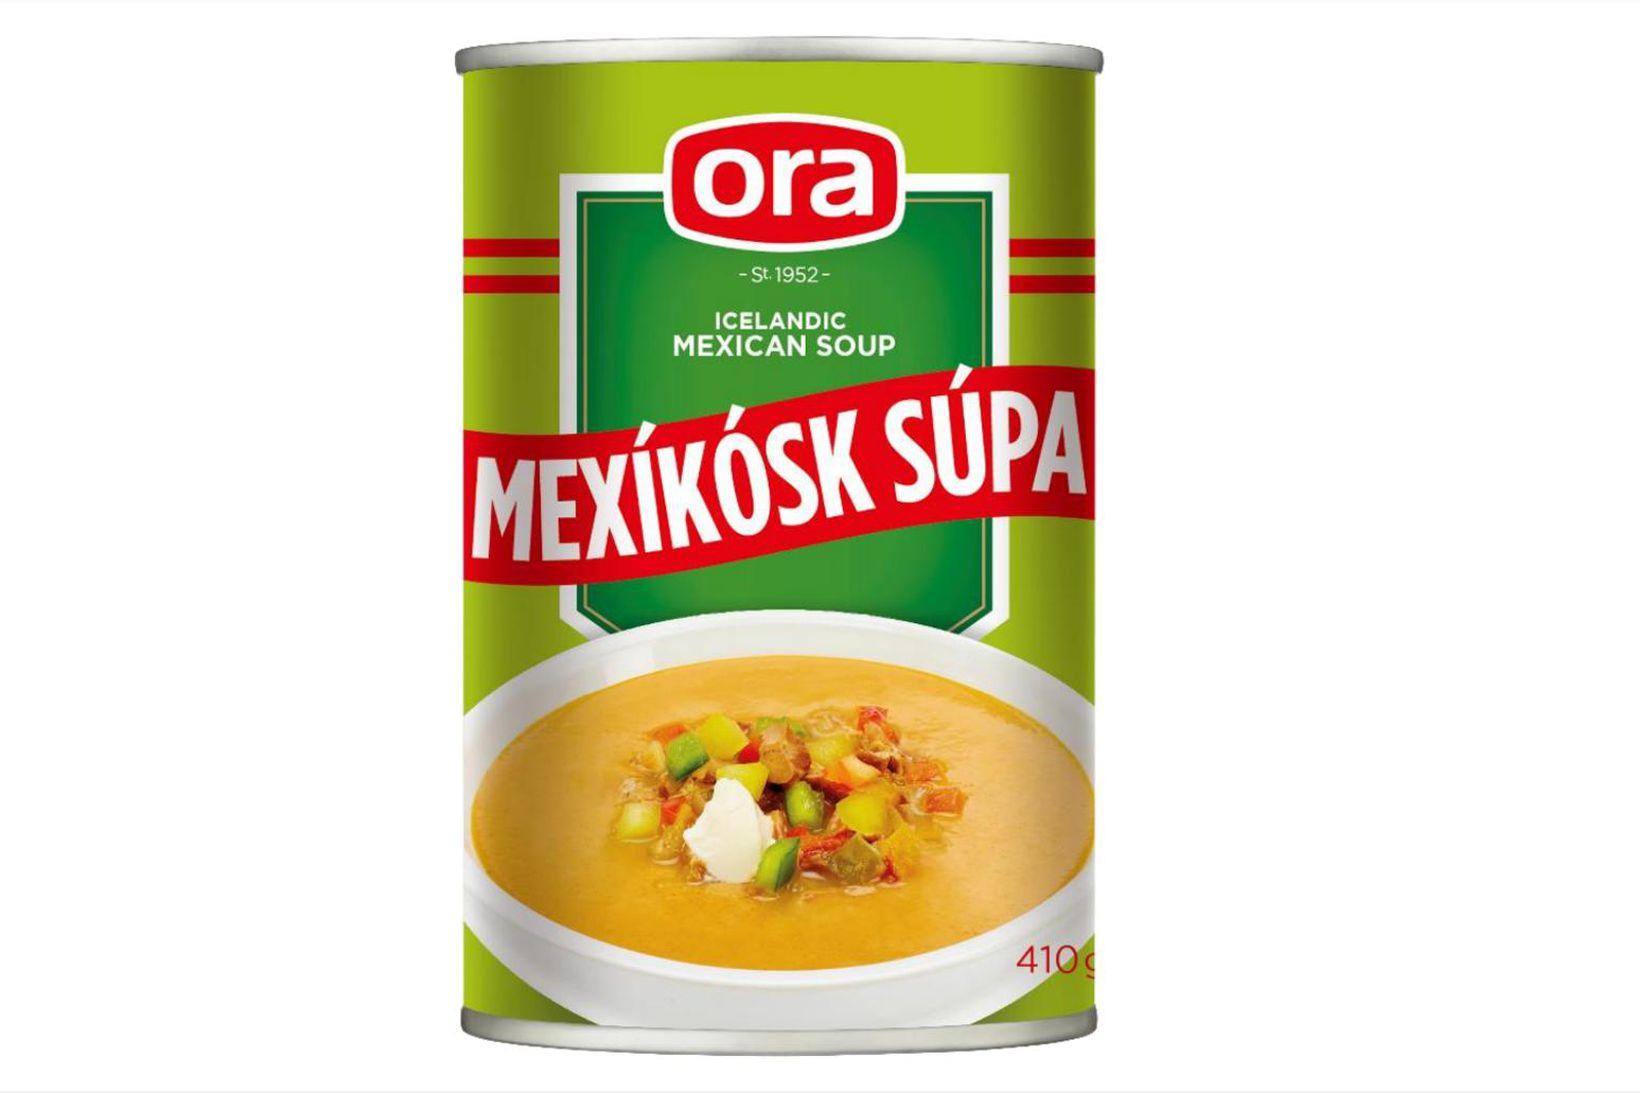 Mexíkósk súpa frá Ora.